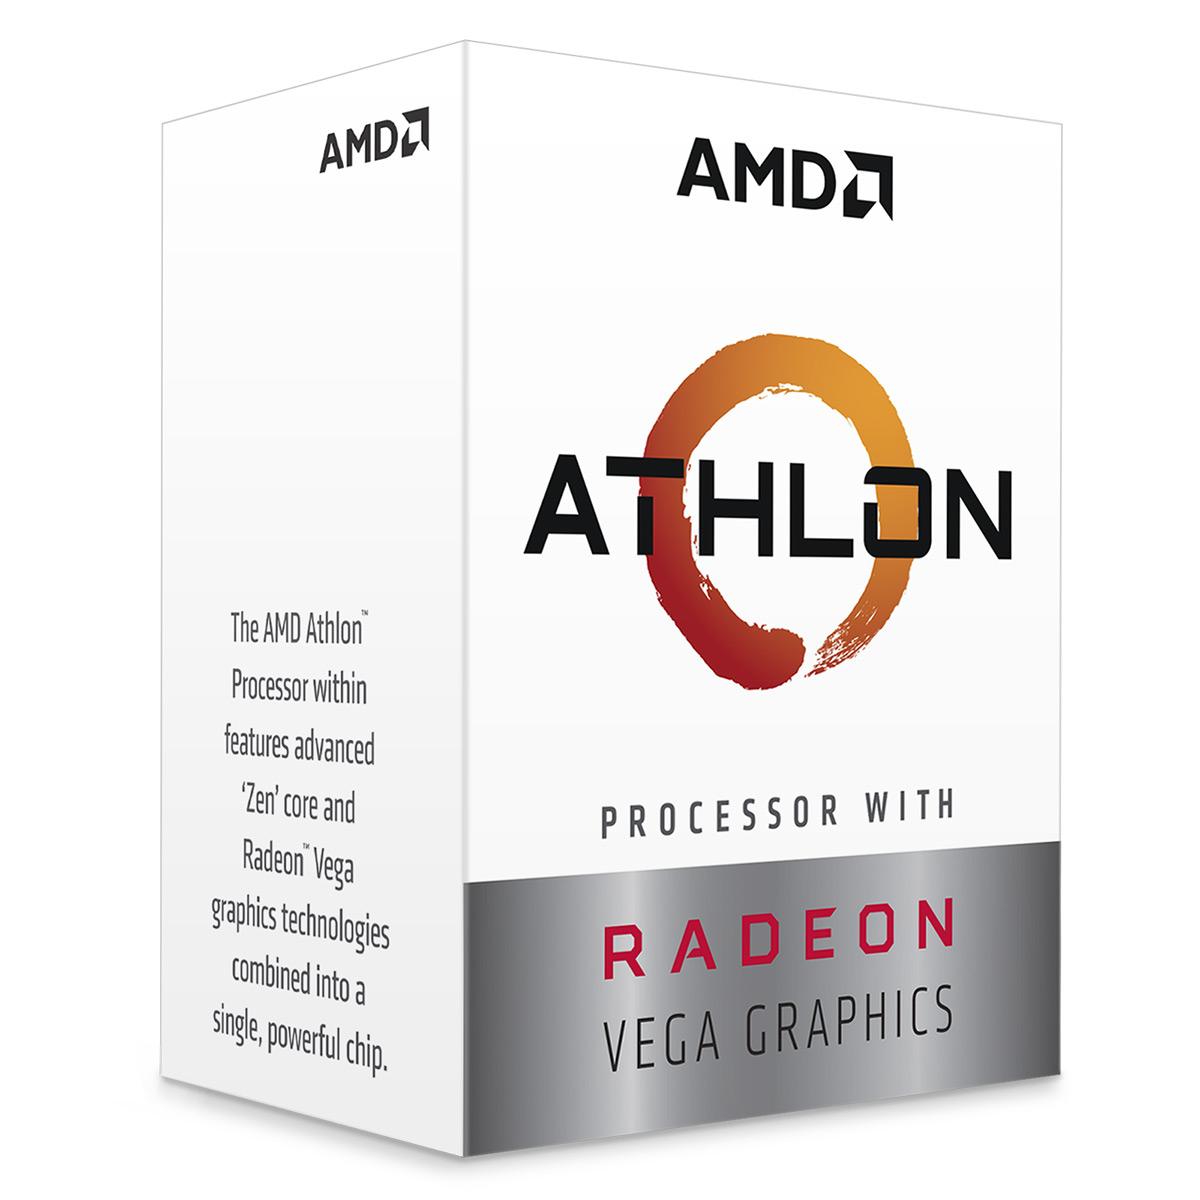 Processeur AMD Athlon 200GE (3.2 GHz) avec mise à jour BIOS Processeur Dual Core socket AM4 Cache L3 4 Mo Radeon Vega Graphics 3 Coeurs 0.014 micron TDP 35W avec système de refroidissement (version boîte - garantie constructeur 3 ans)